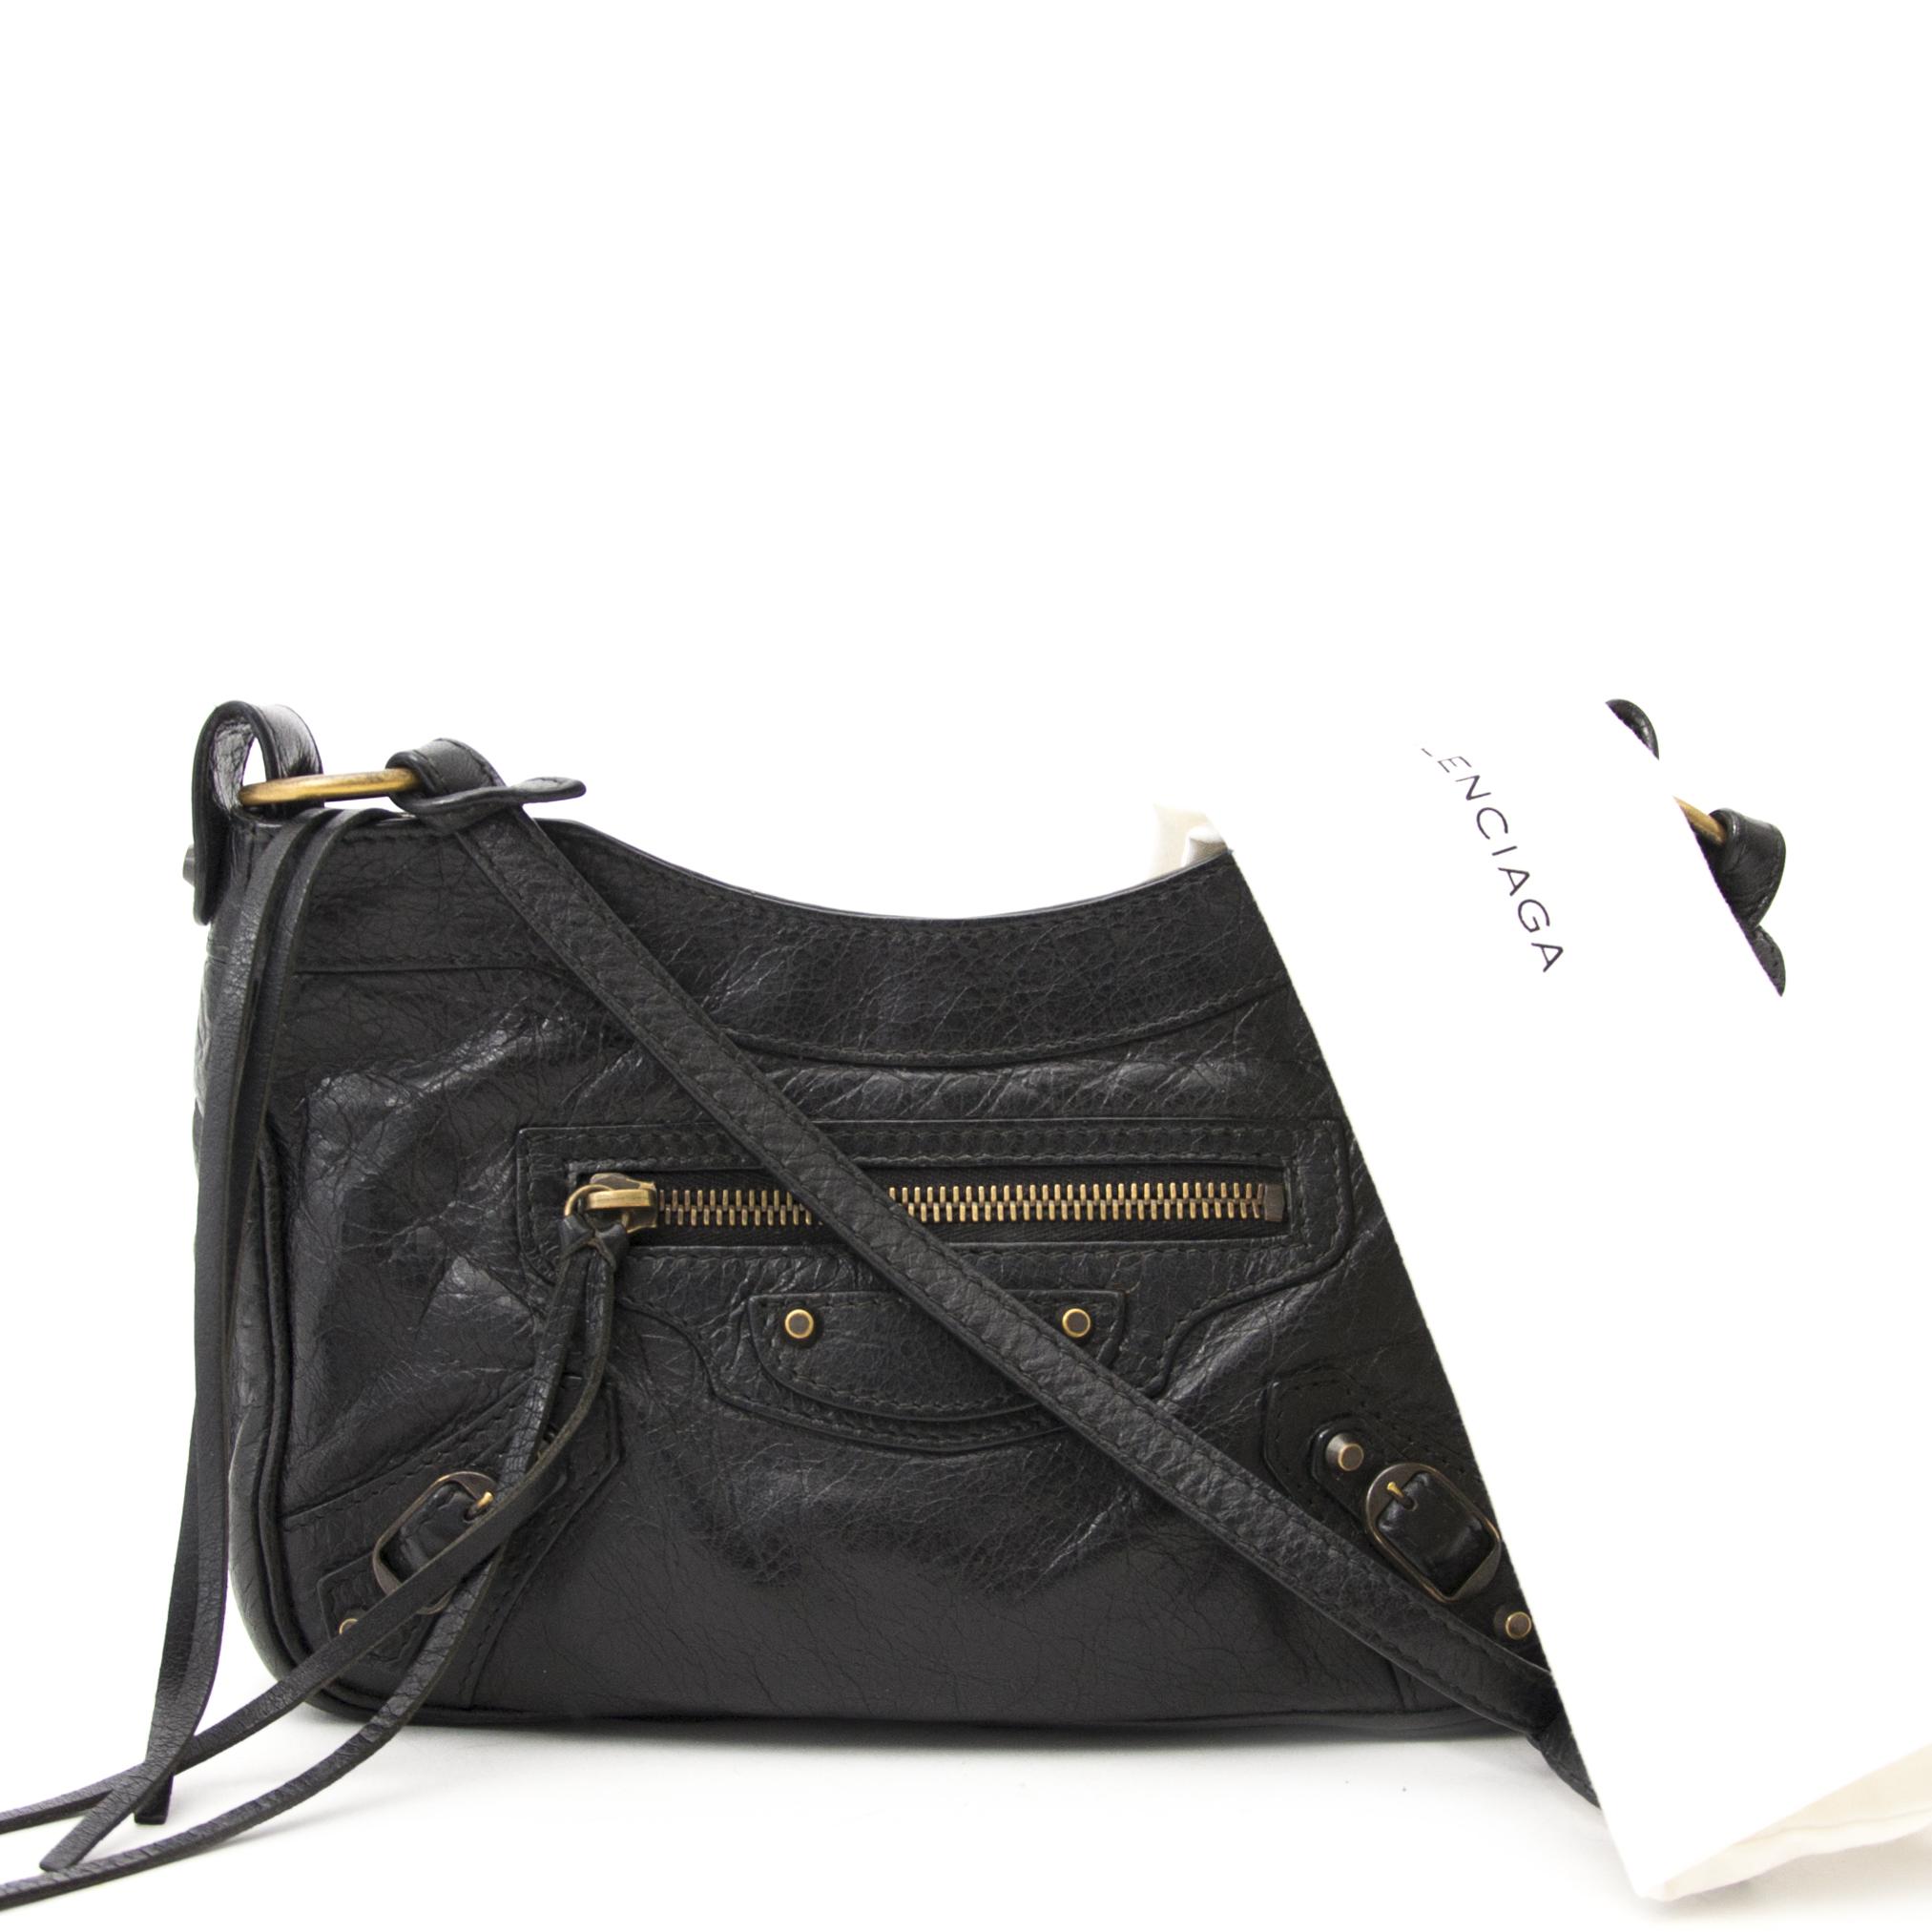 shop safe online aan de beste prijs jou tweedehands Balenciaga Classic Gold Hip Bag